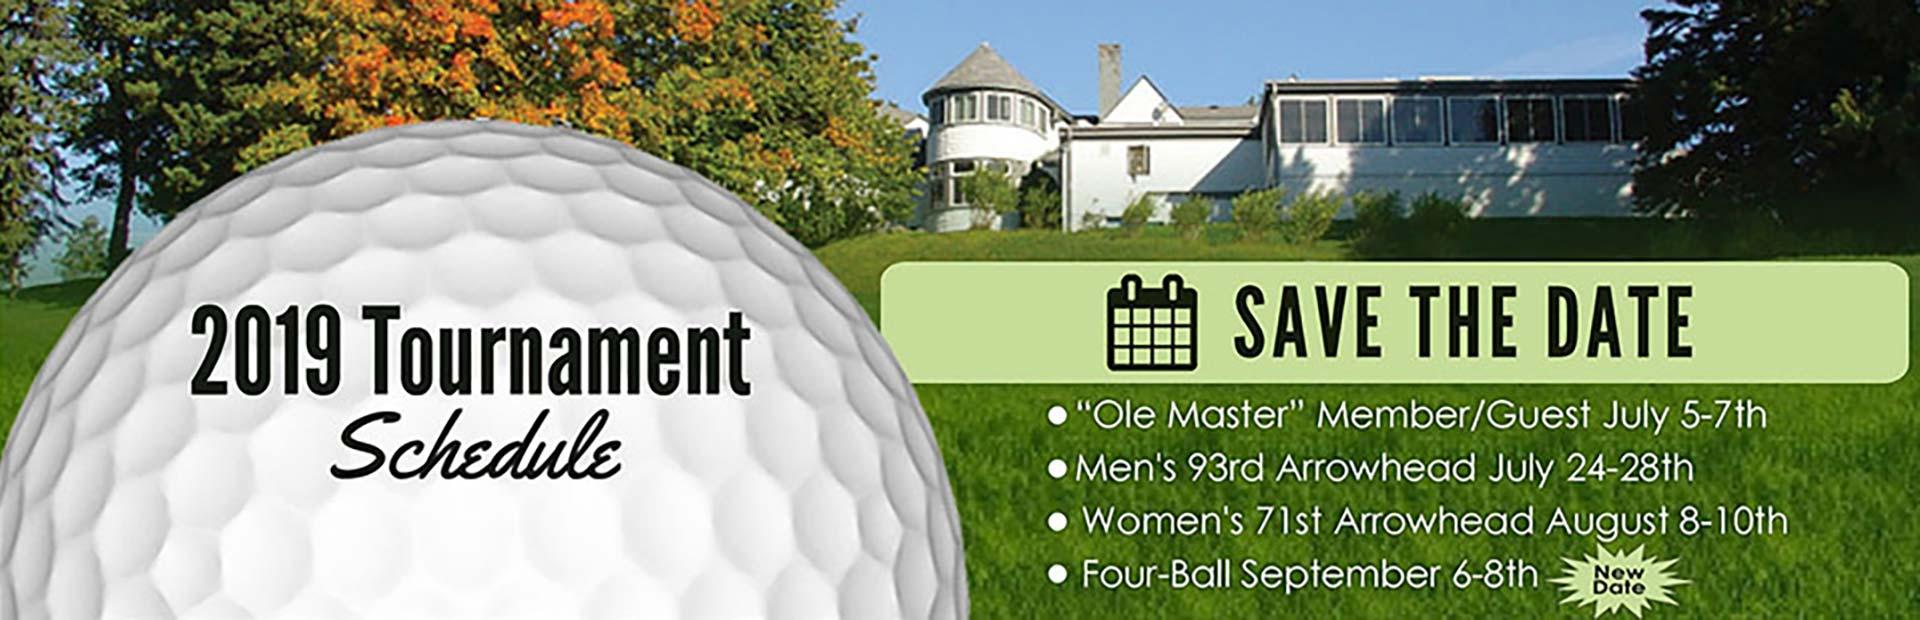 Tournament Schedule